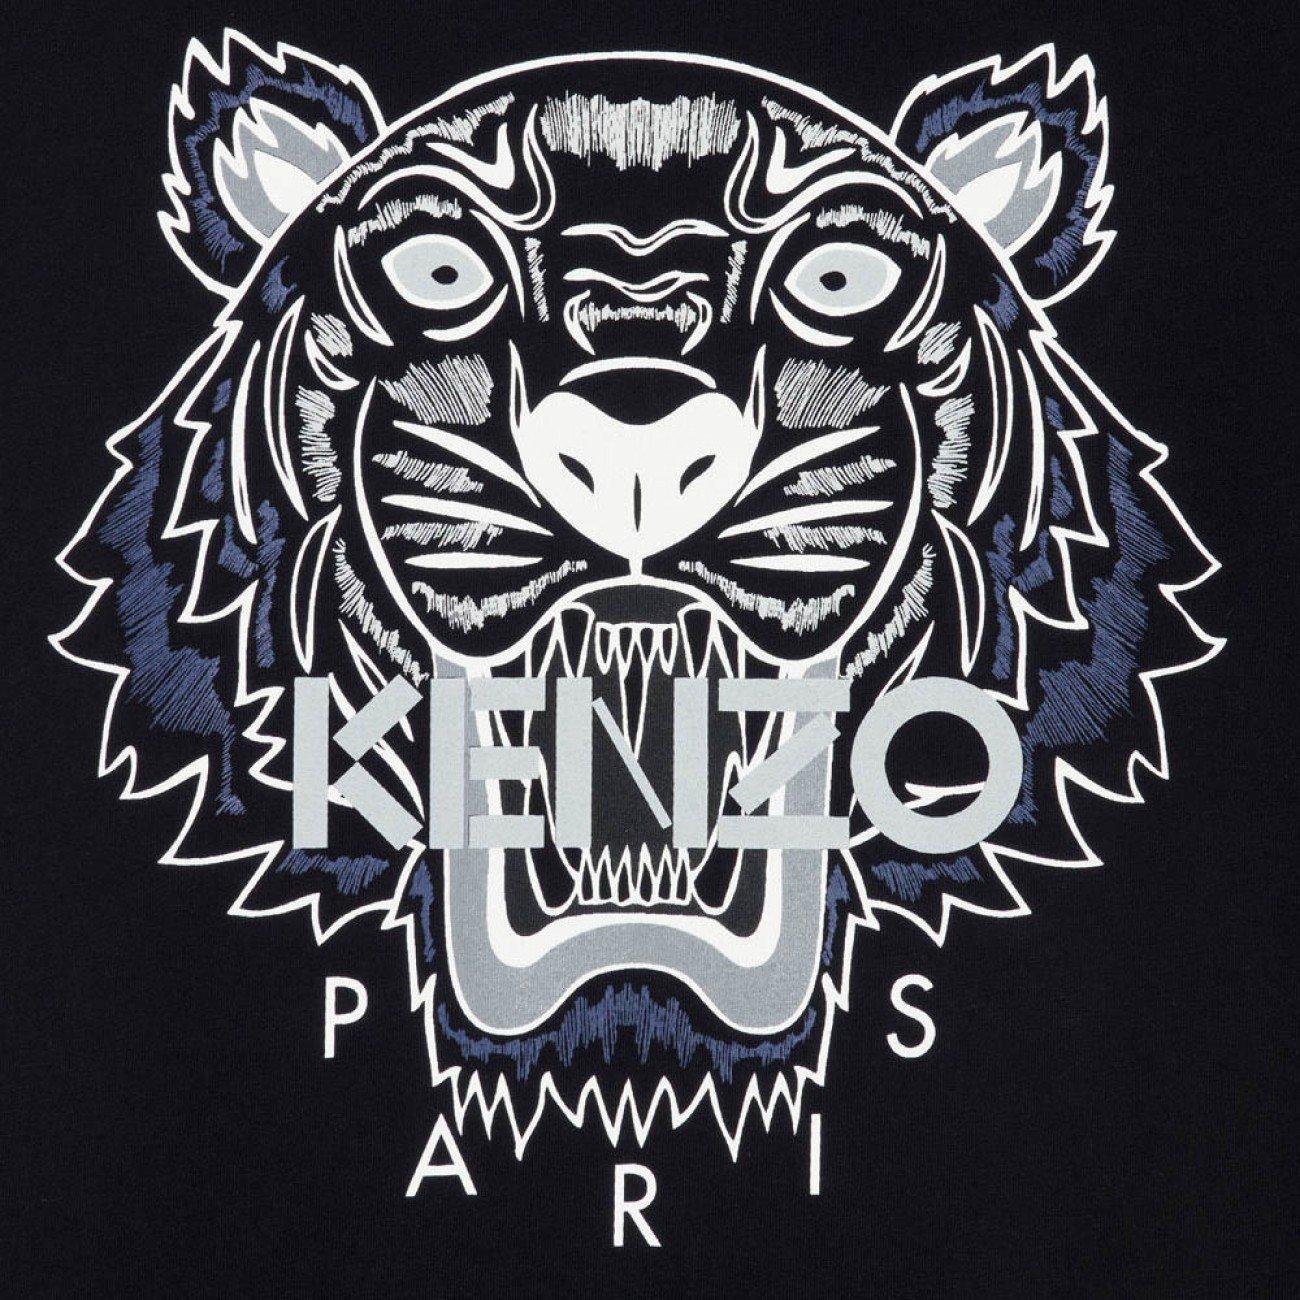 Kenzo Tiger T Shirt Black Ã'¹ãƒžãƒ› Å£ç´™ É»' Ɛºå¸¯é›»è©±ã®å£ç´™ Å£ç´™